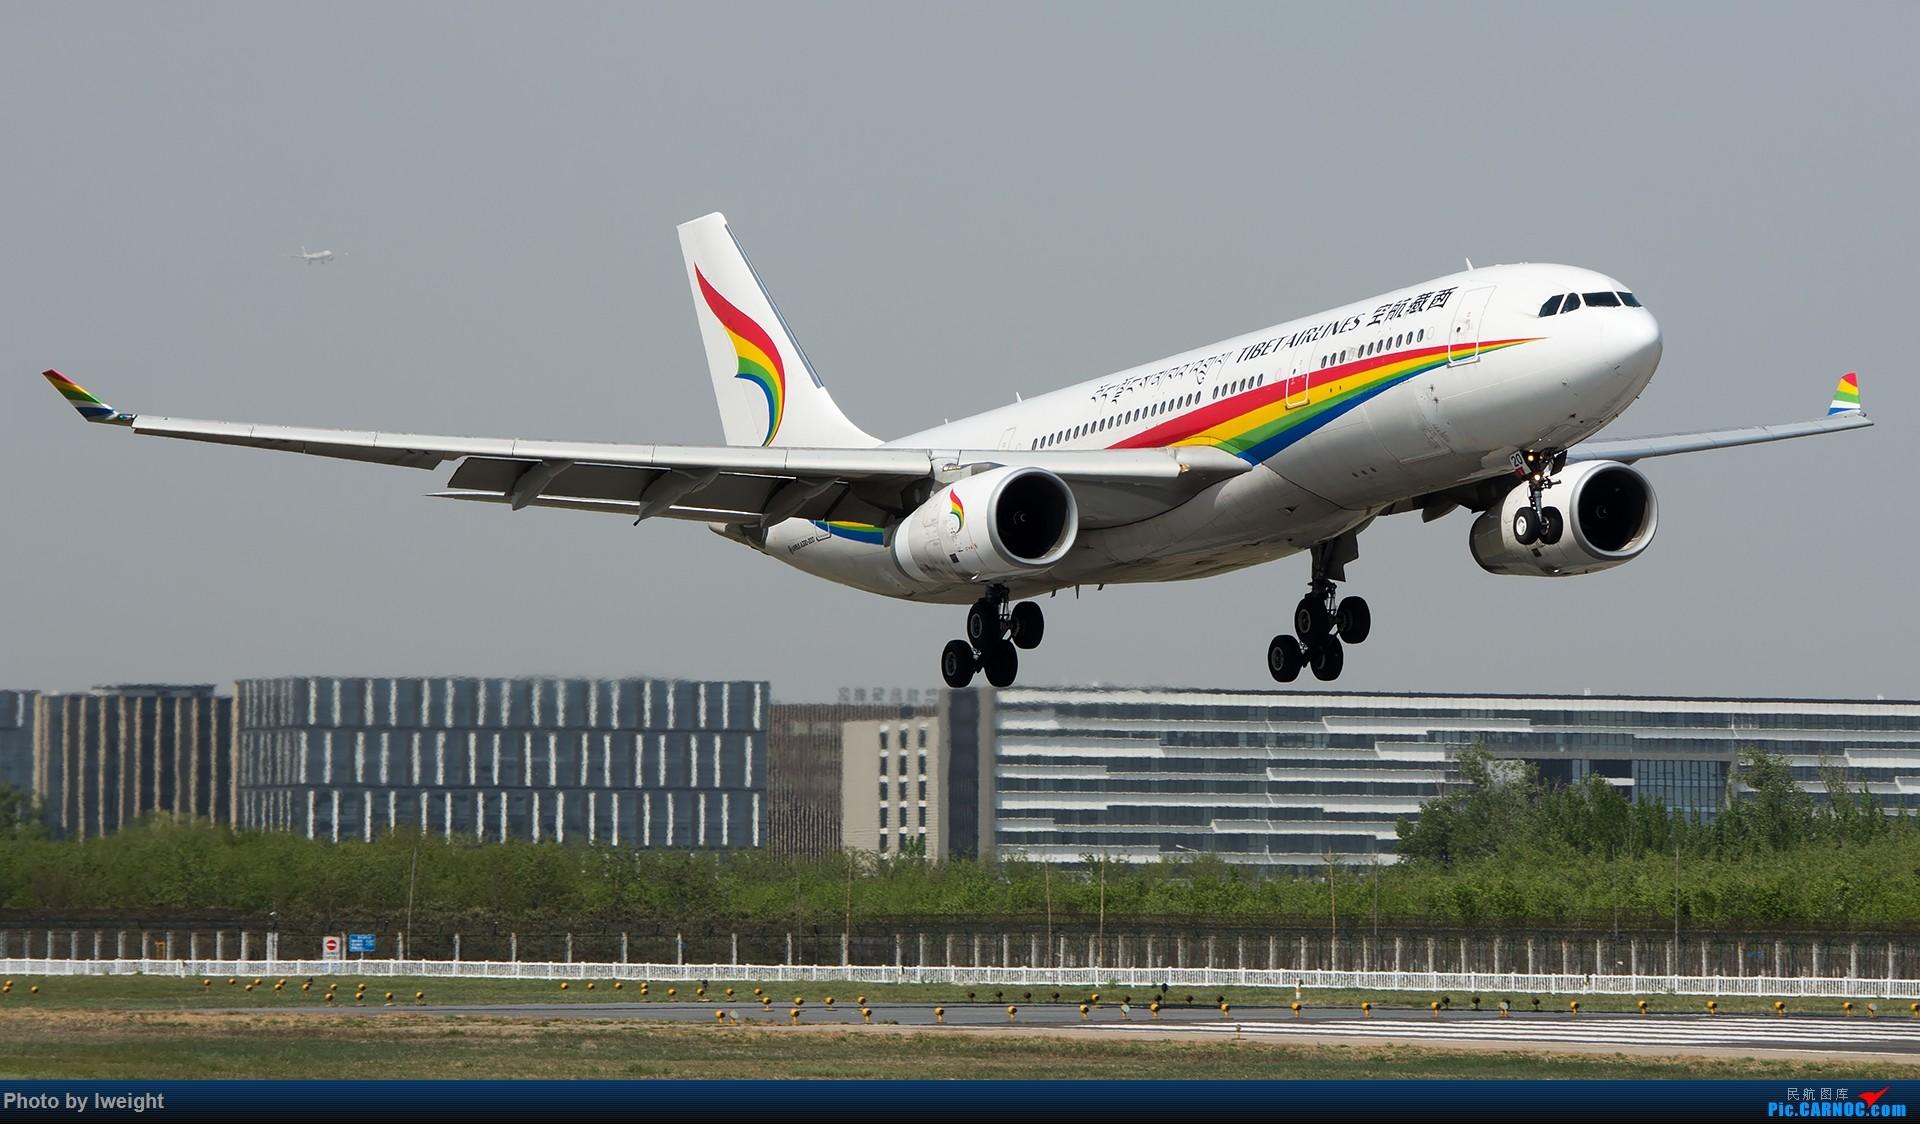 Re:[原创]天气晴朗,继续守候18R【多图】 AIRBUS A330-200 B-8420 中国北京首都国际机场